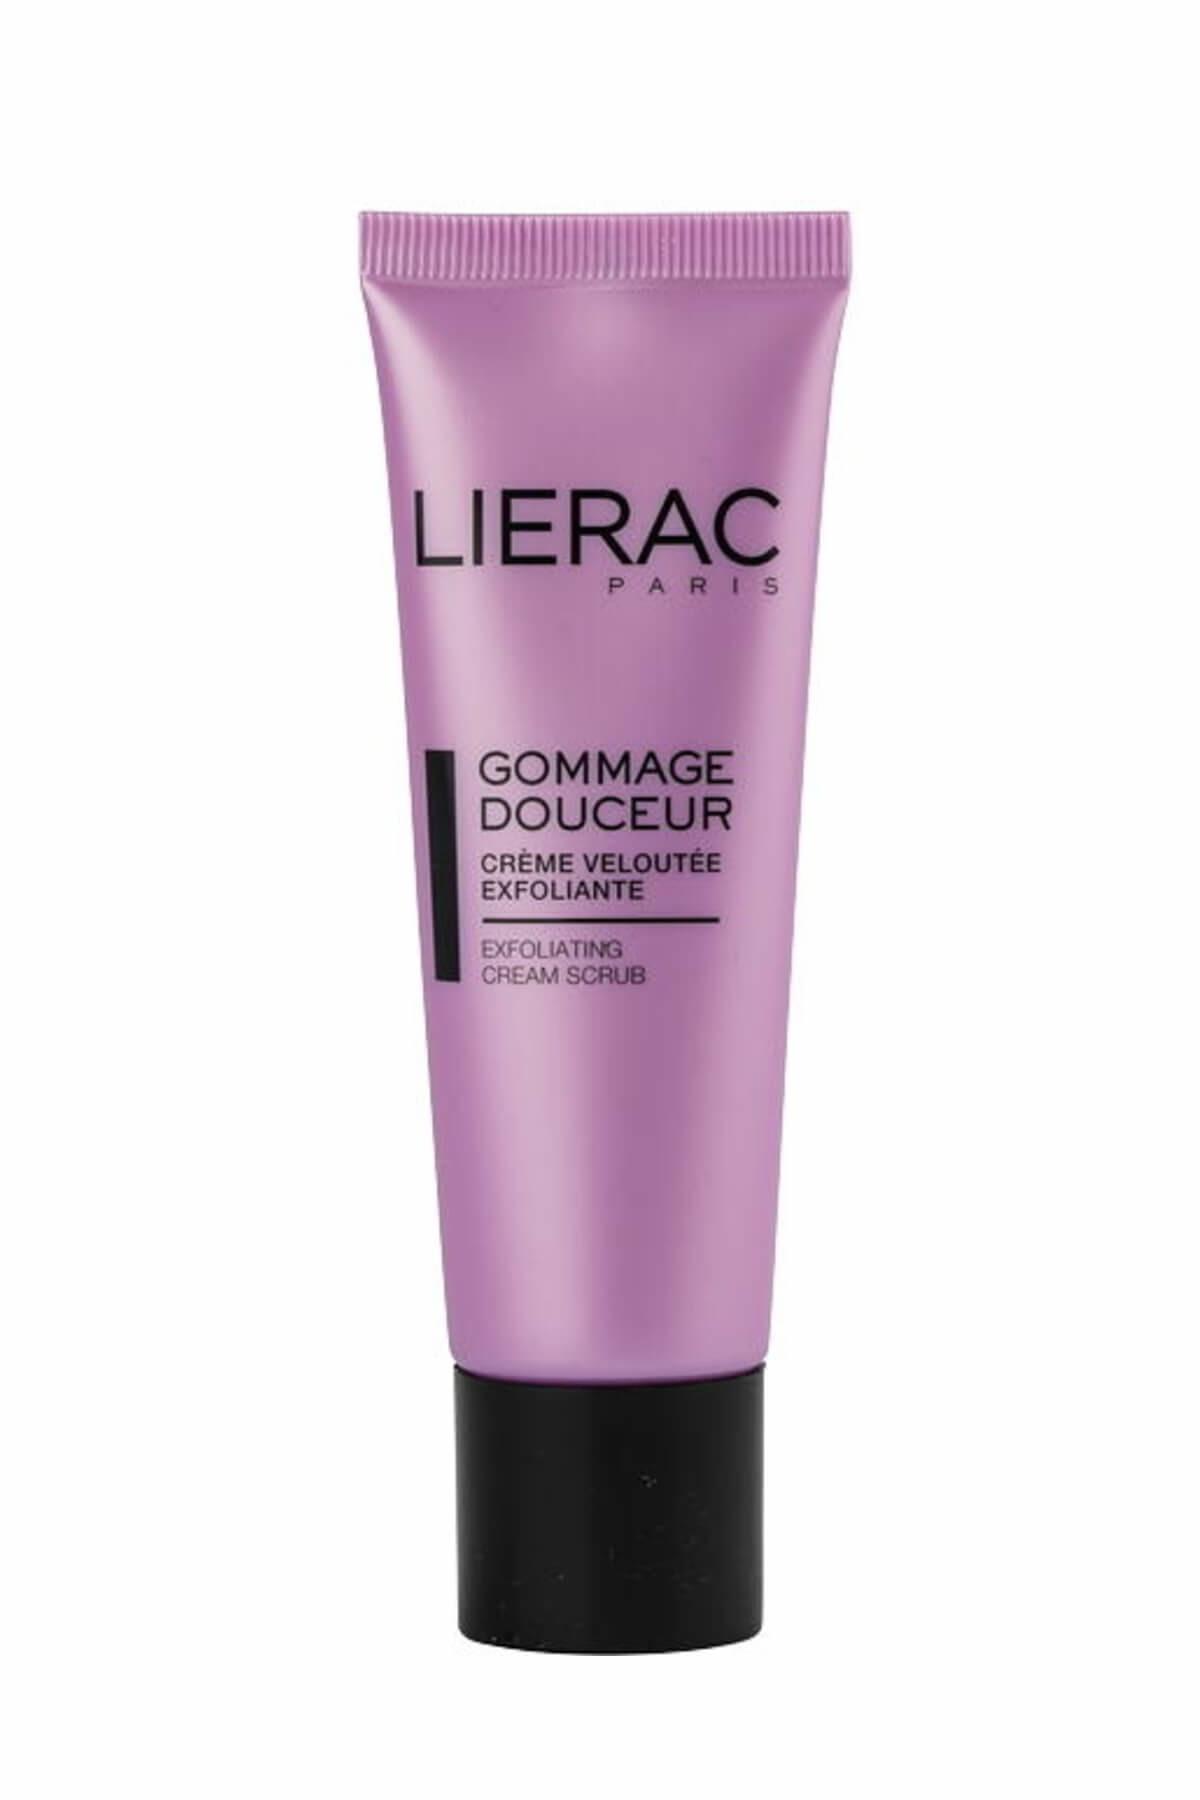 Lierac Arındırıcı Peeling - Gommage Douceur 50 ml 3508240206499 1